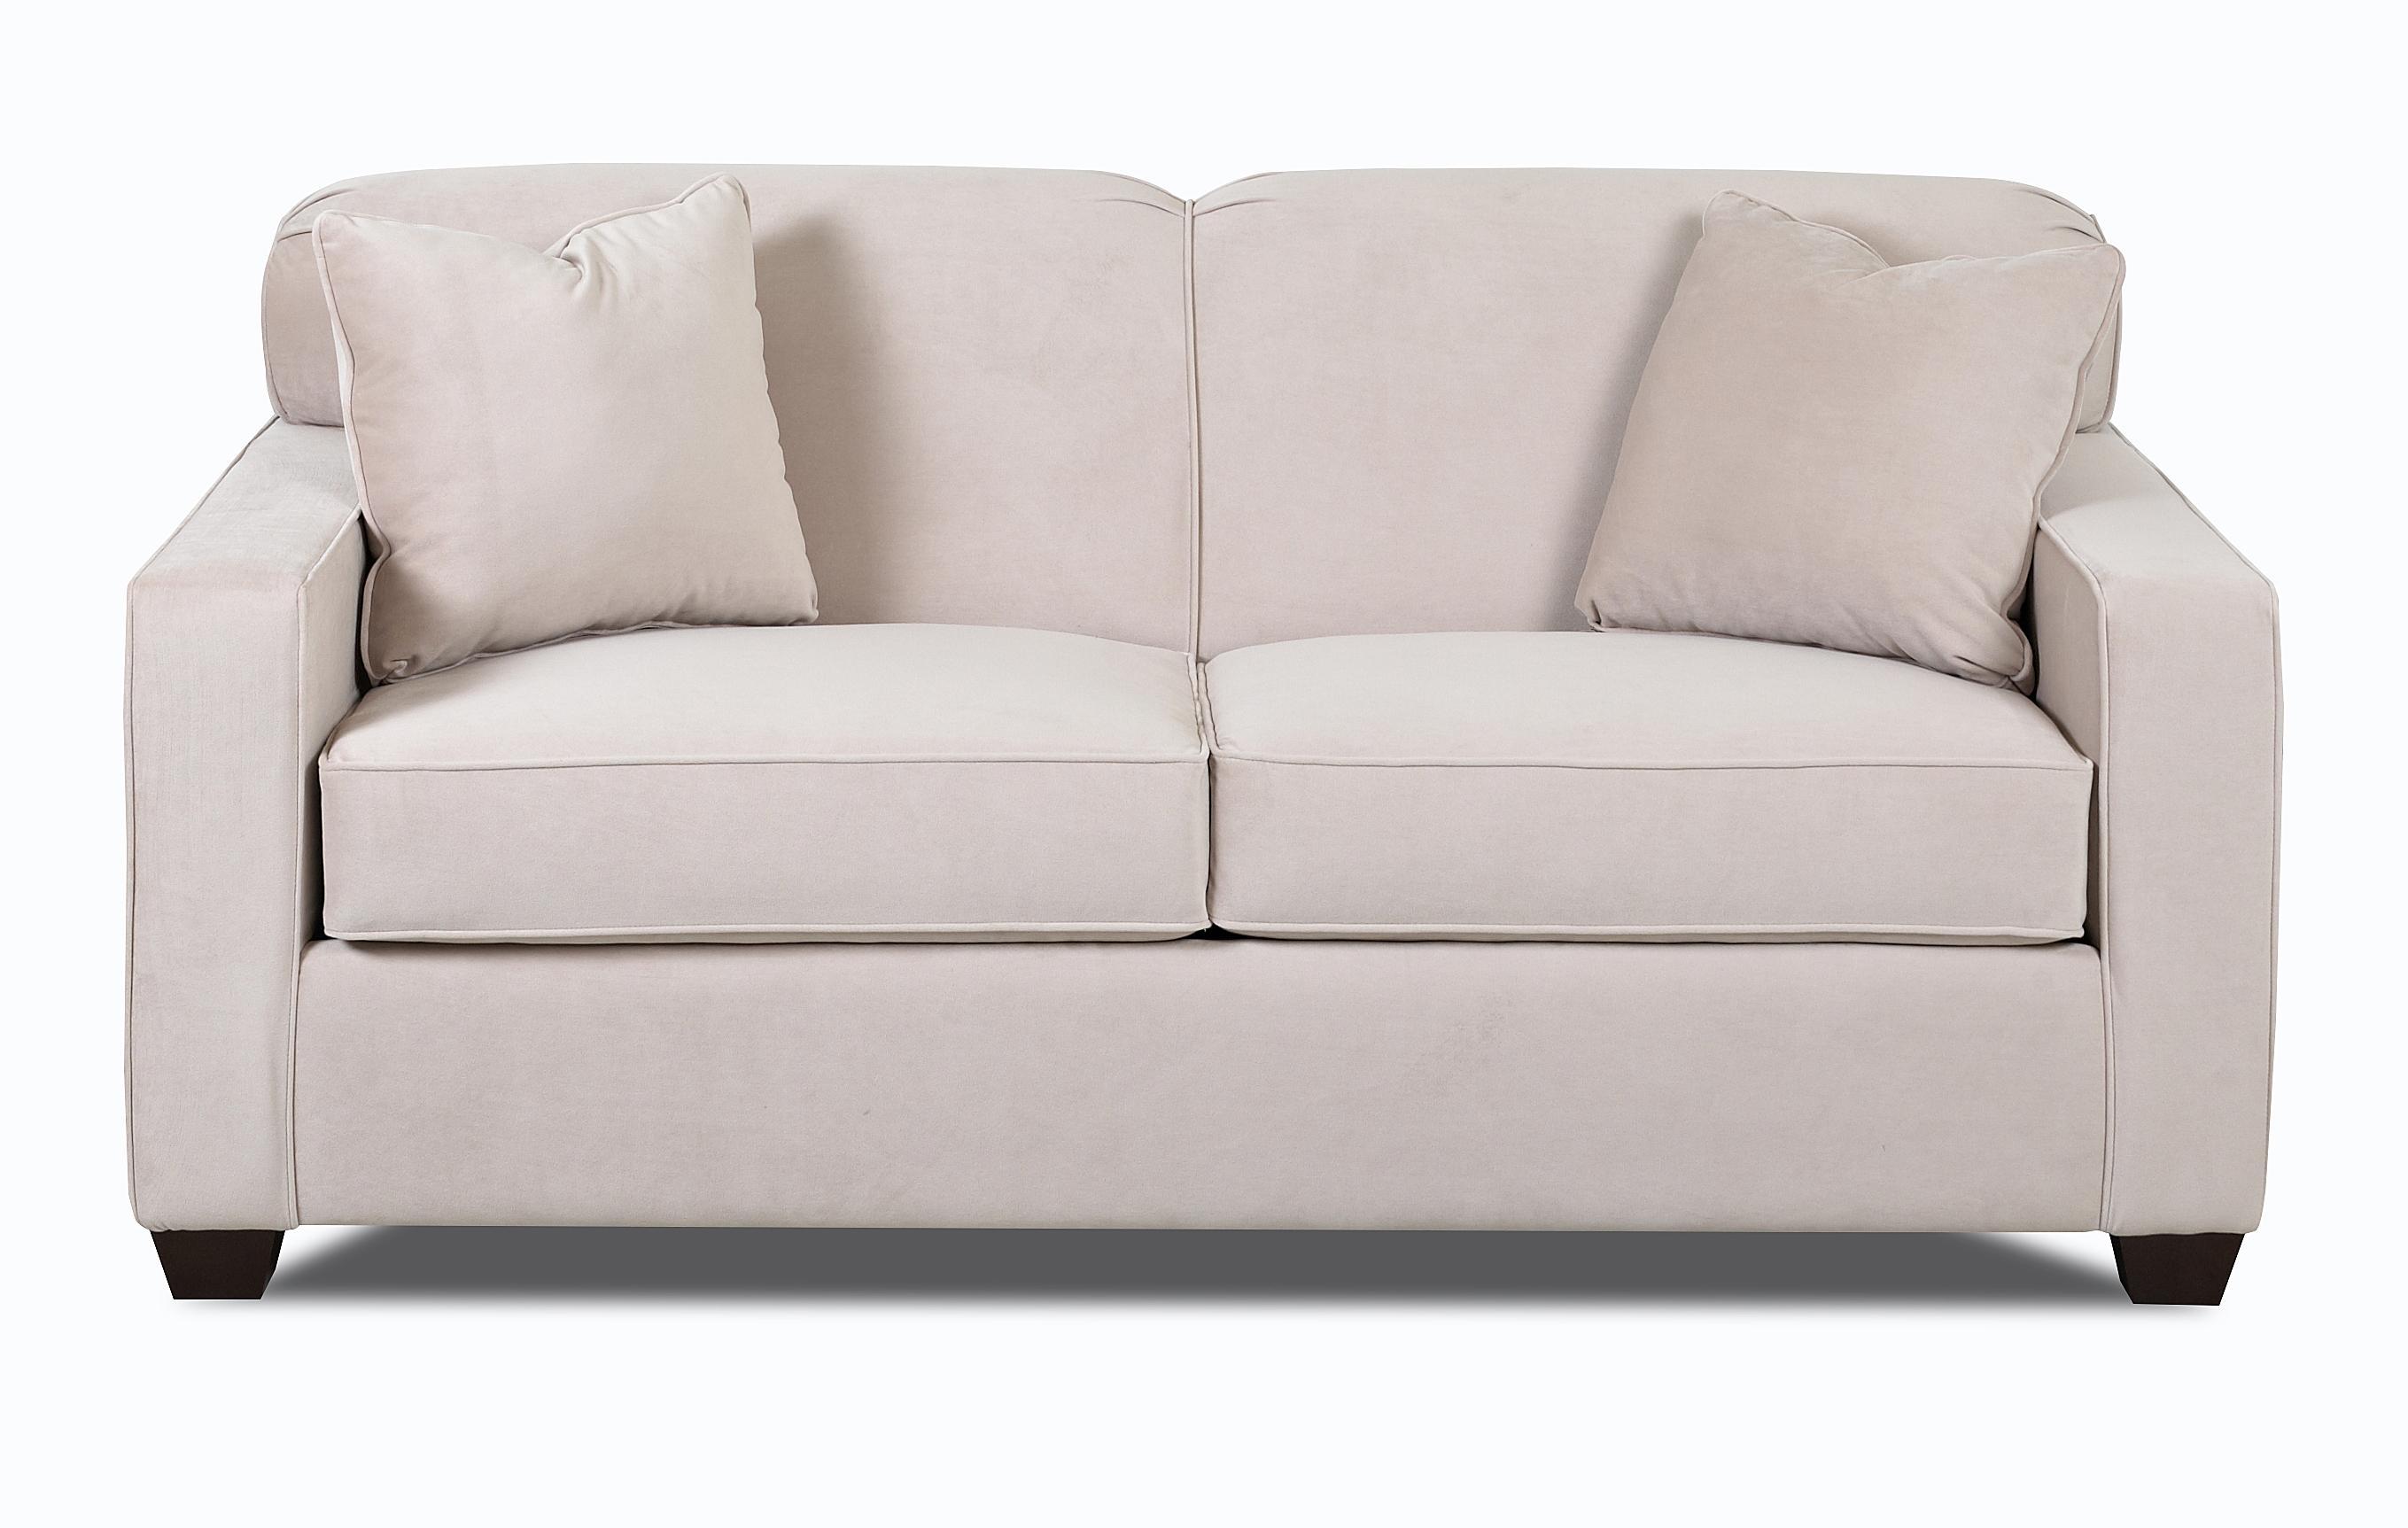 Regular Sleeper Sofa with Air Coil Mattress